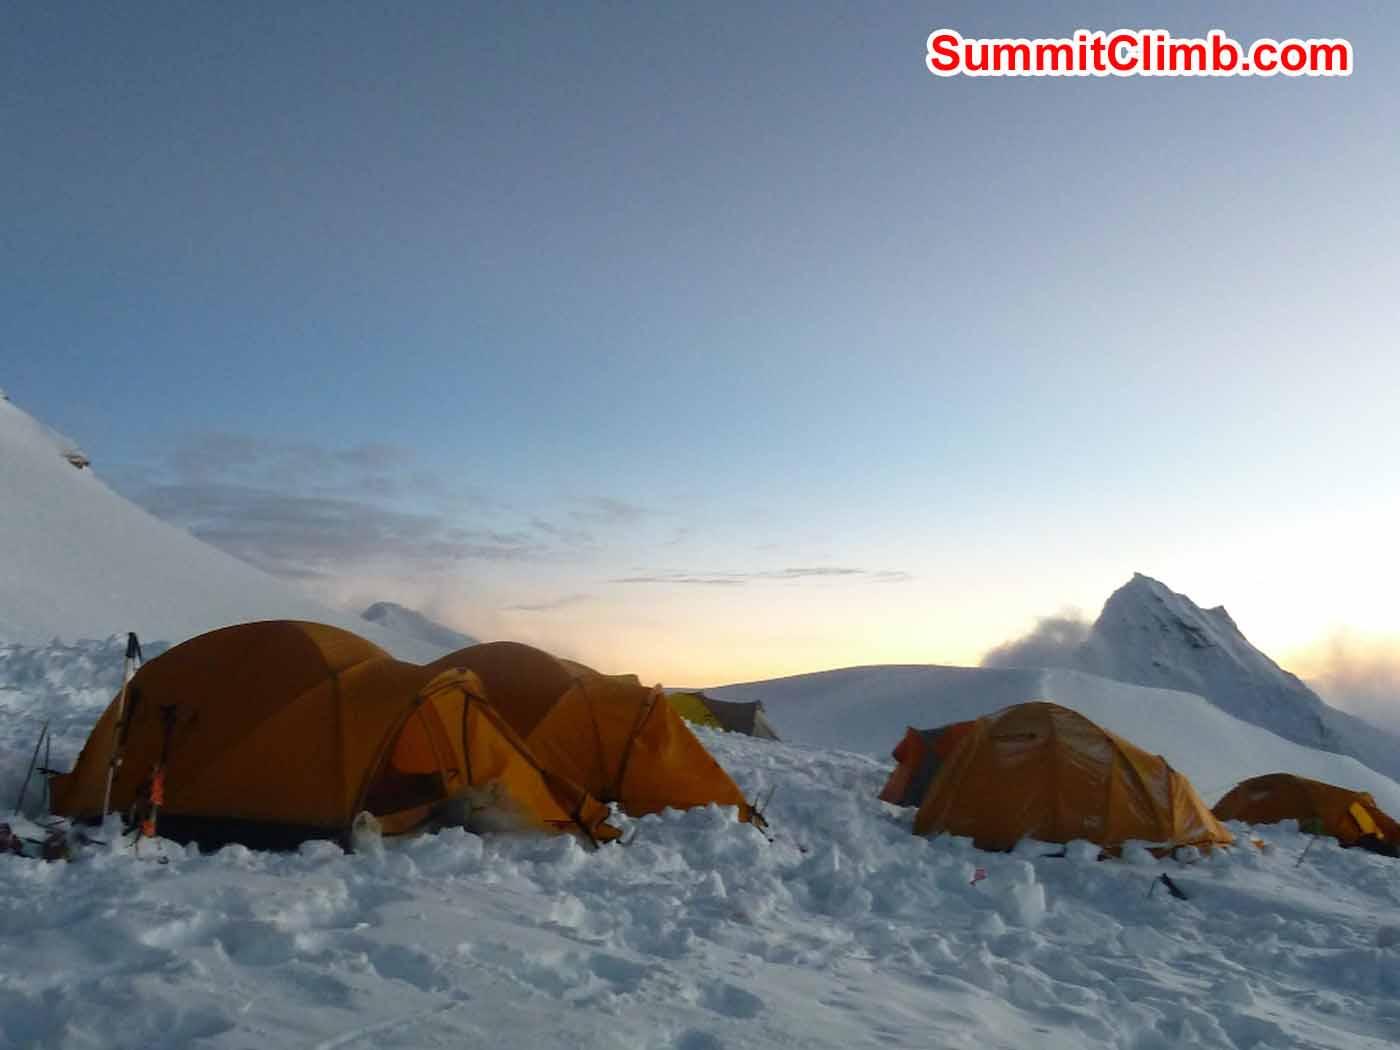 Camp 2 at sunset. Marina Cortes Photo